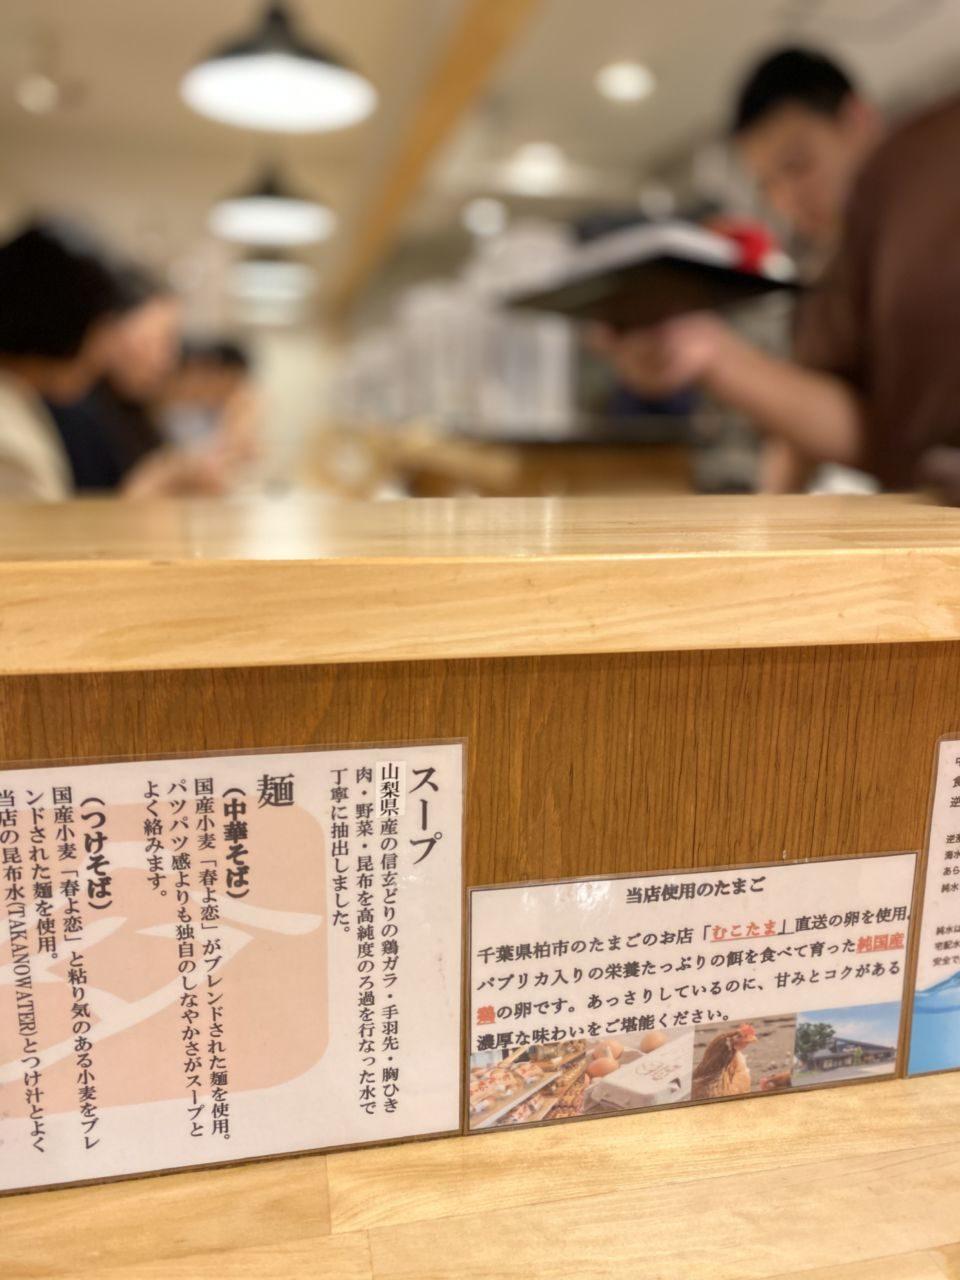 「中華そば高野(TAKANO)」店内